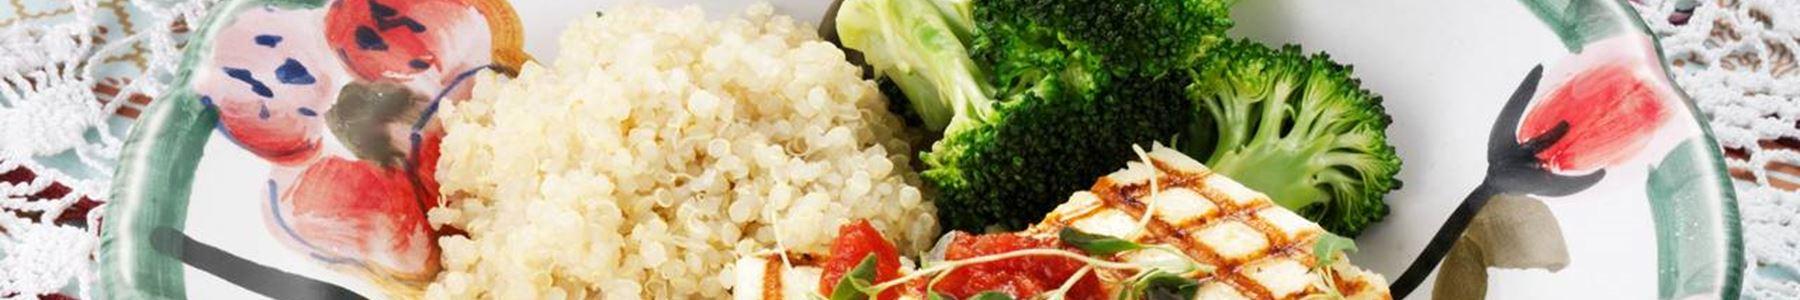 Billig + Quinoa + Sallad